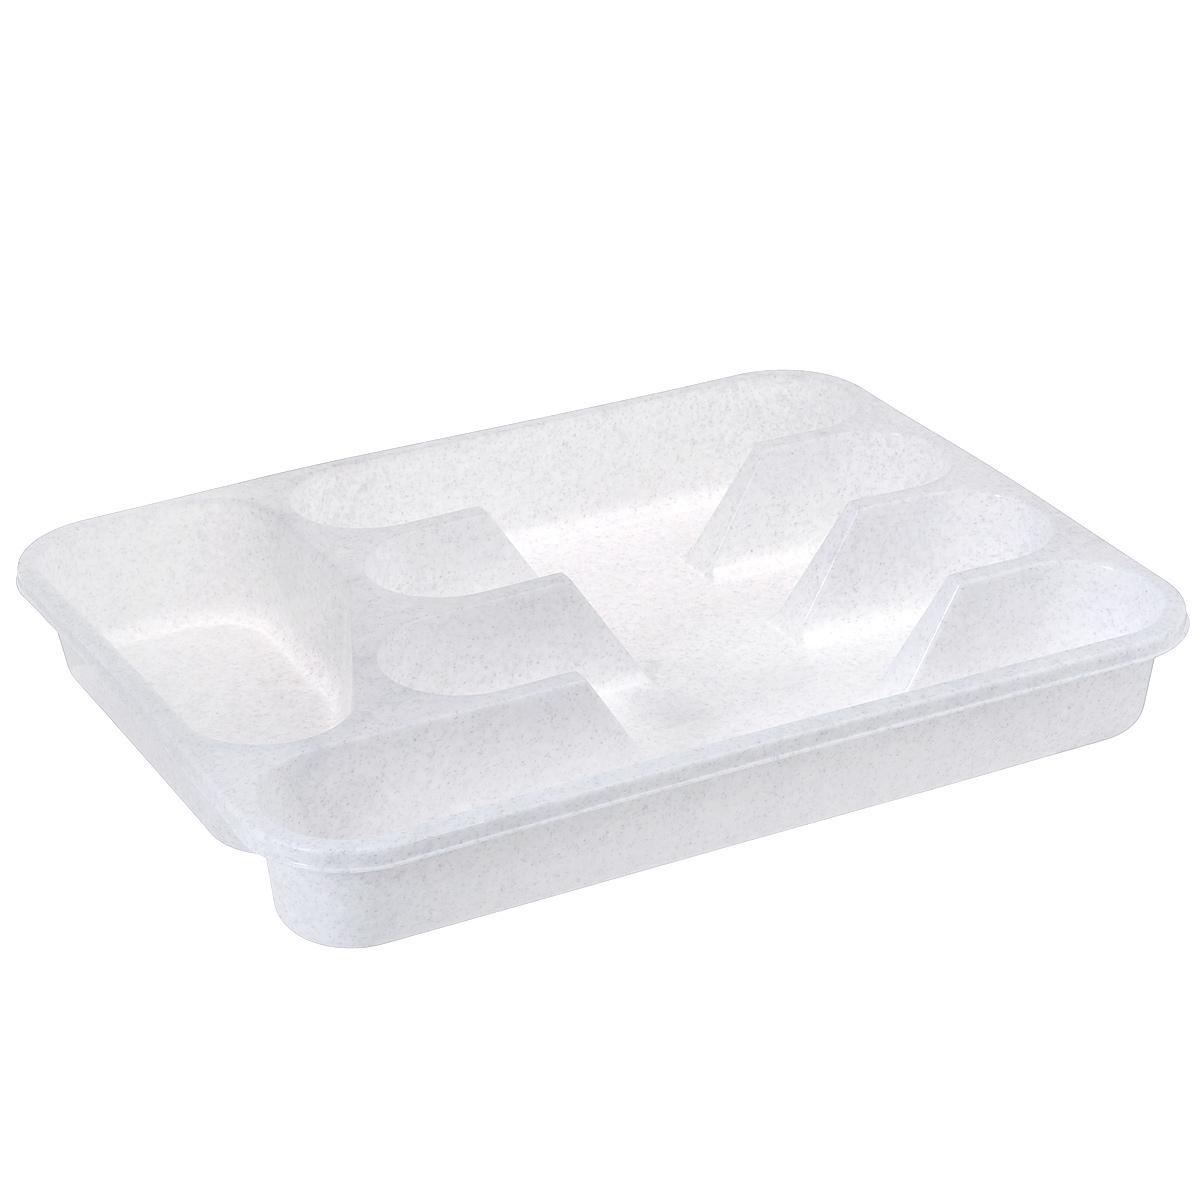 Лоток для столовых приборов Idea, цвет: мраморный, 33 х 26 смВетерок 2ГФЛоток для столовых приборов Idea изготовлен из прочного пластика. Изделие имеет 3 одинаковых секции для столовых ложек, вилок и ножей, секцию для чайных ложек и длинную секцию для различных кухонных принадлежностей. Лоток помещается в любой кухонный ящик.